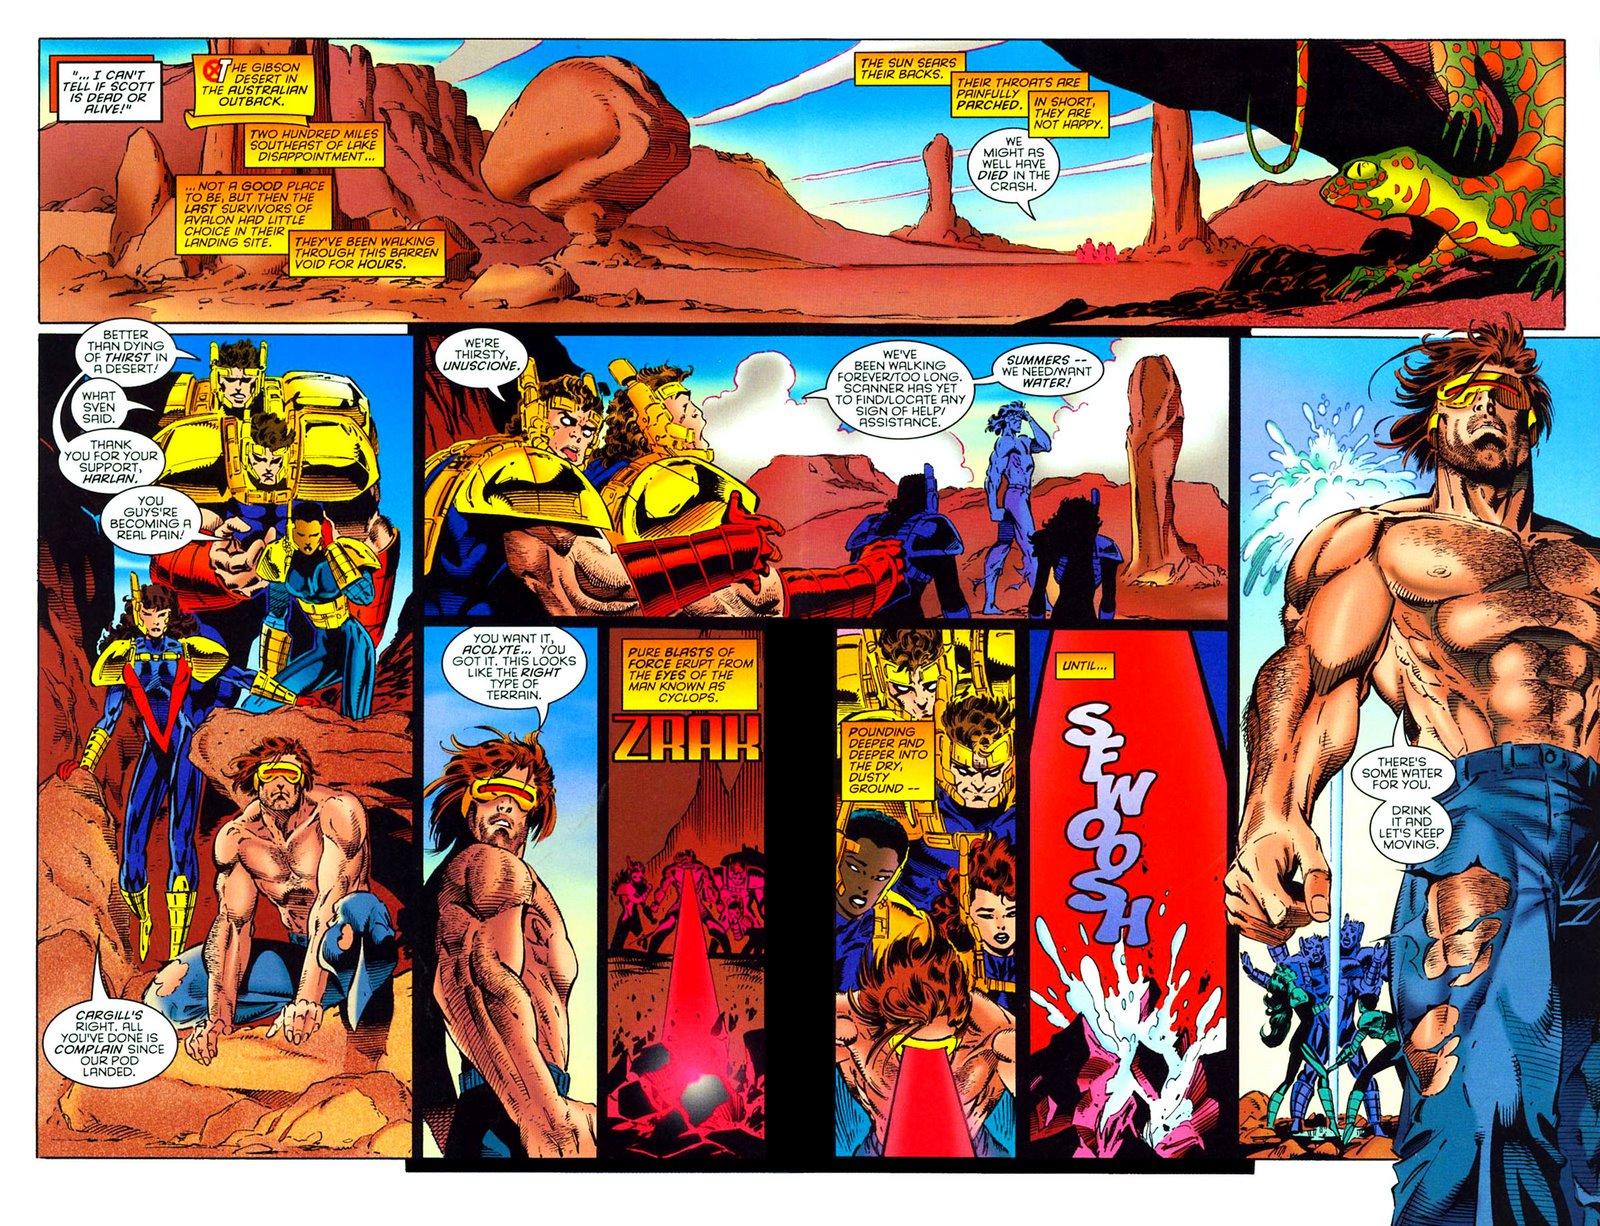 [X-Men_044_-_07_&_08.jpg]